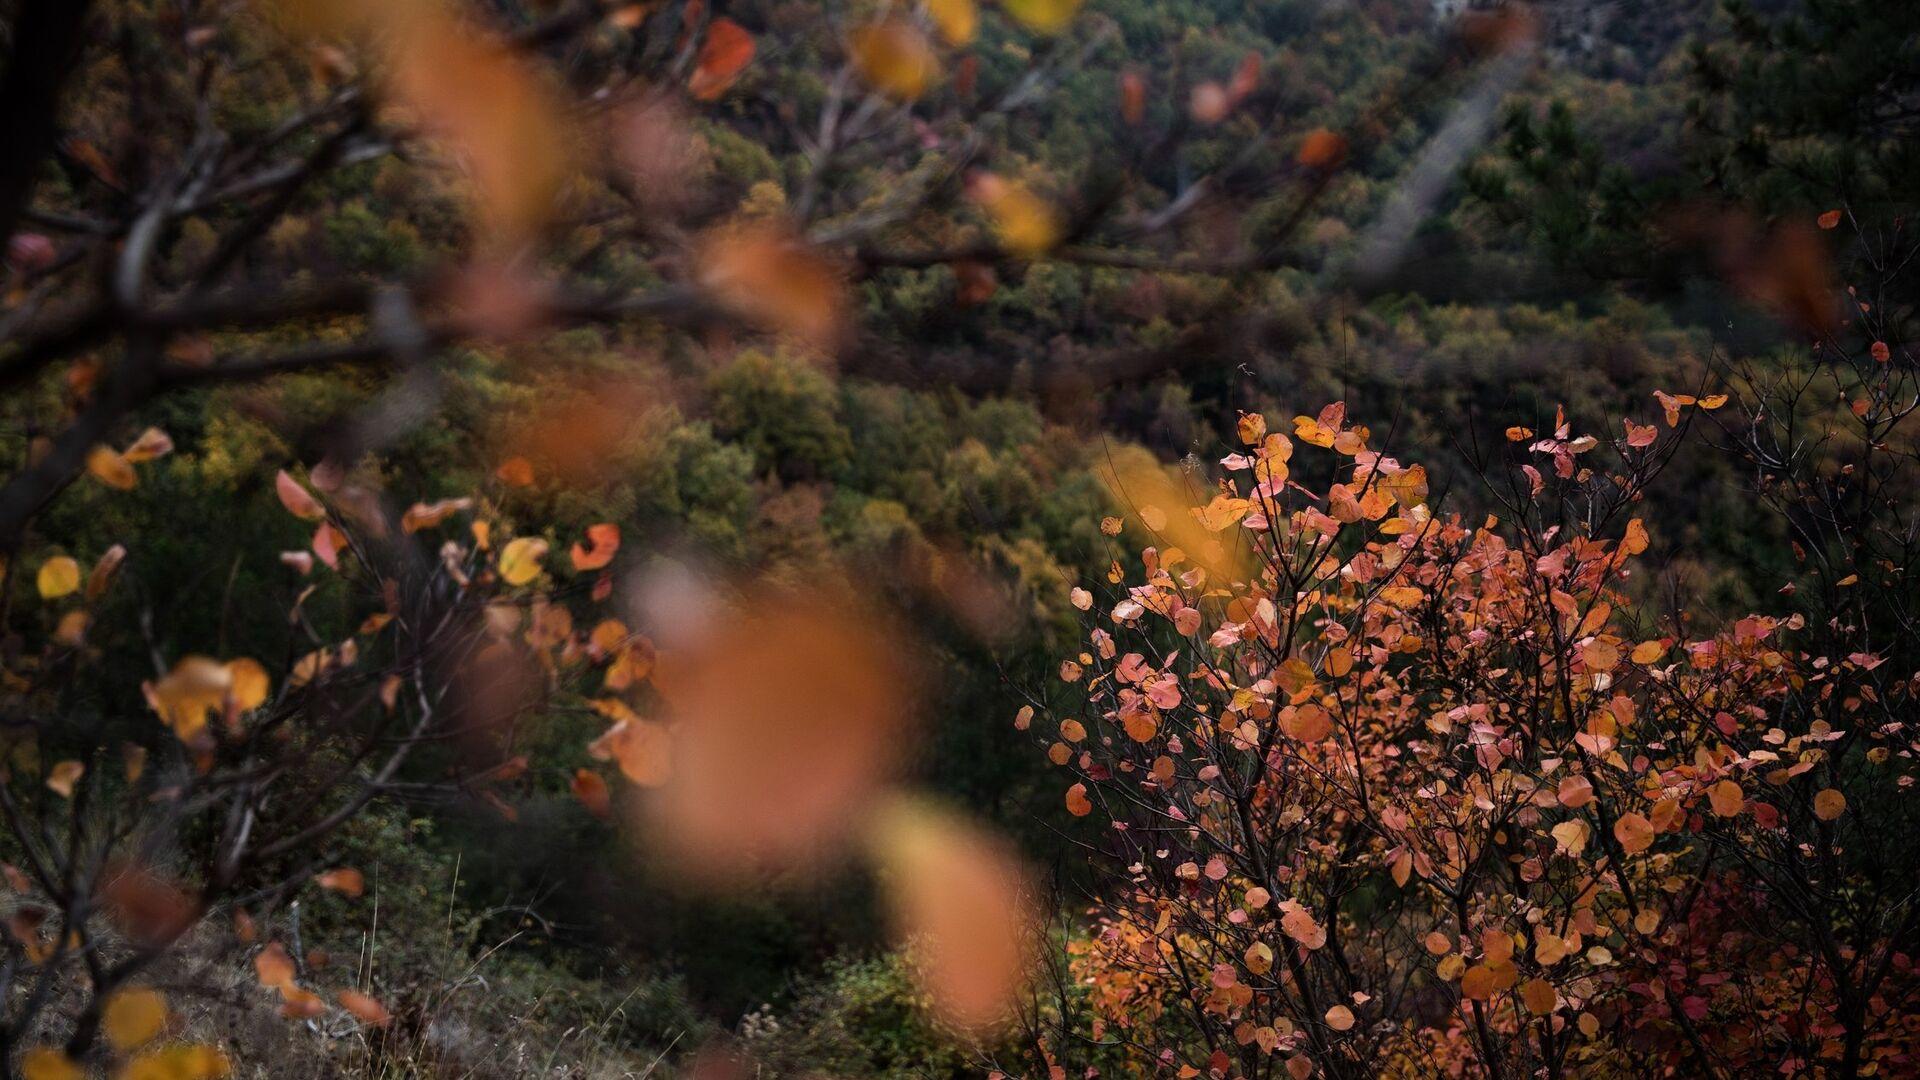 Φθινοπωρινό τοπίο στο Ζαγόρι - Sputnik Ελλάδα, 1920, 21.09.2021